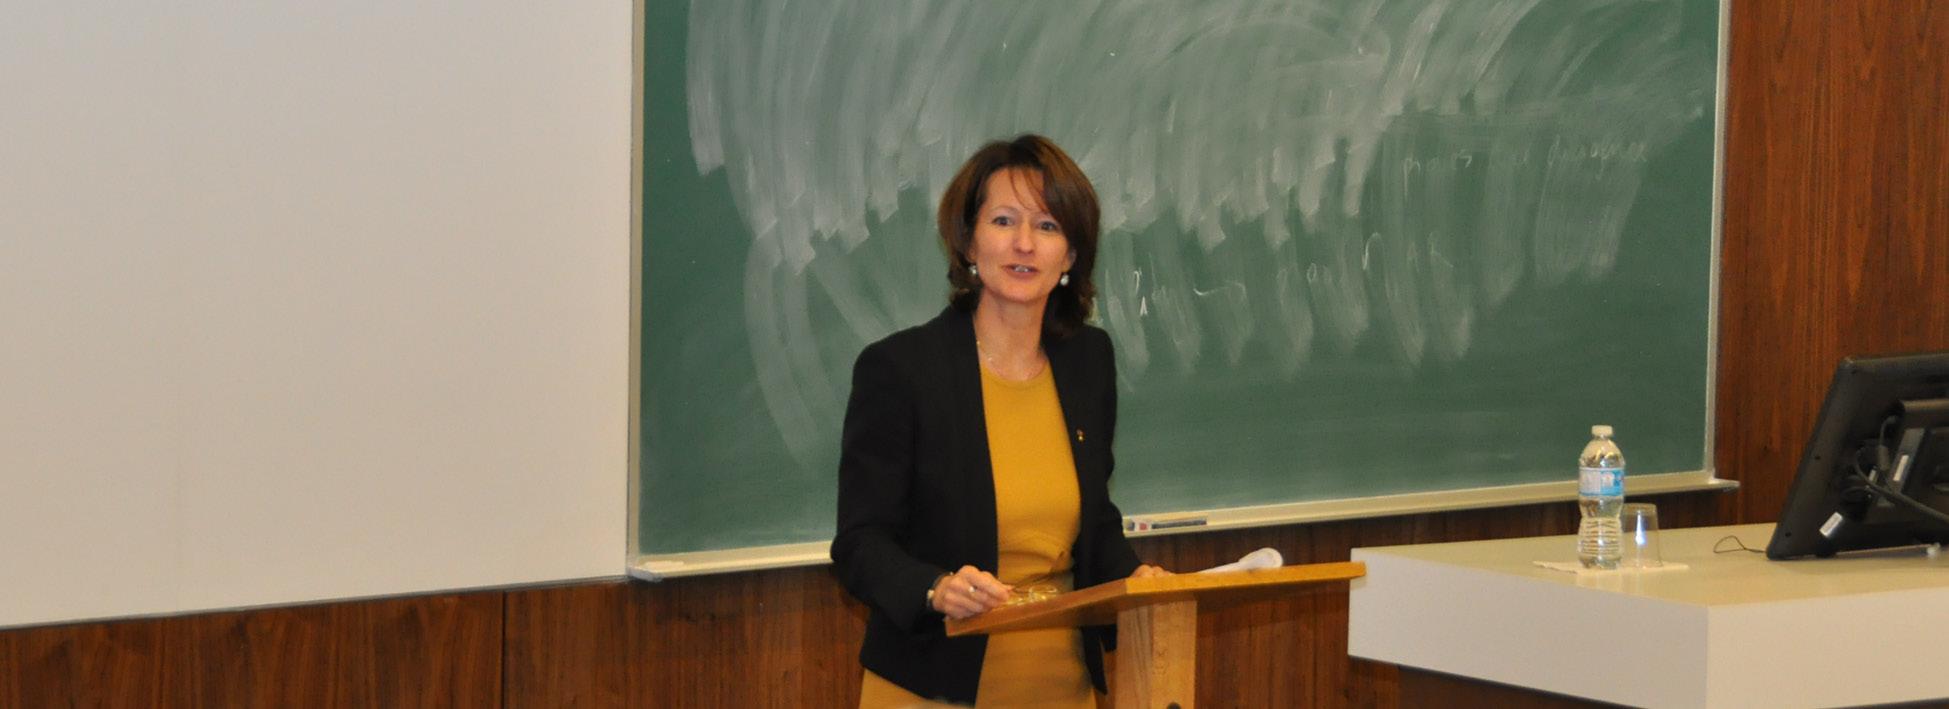 Maître Johanne Brodeur pendant qu'elle livre sa présentation au sujet des avocats engagés dans leur profession et communauté.